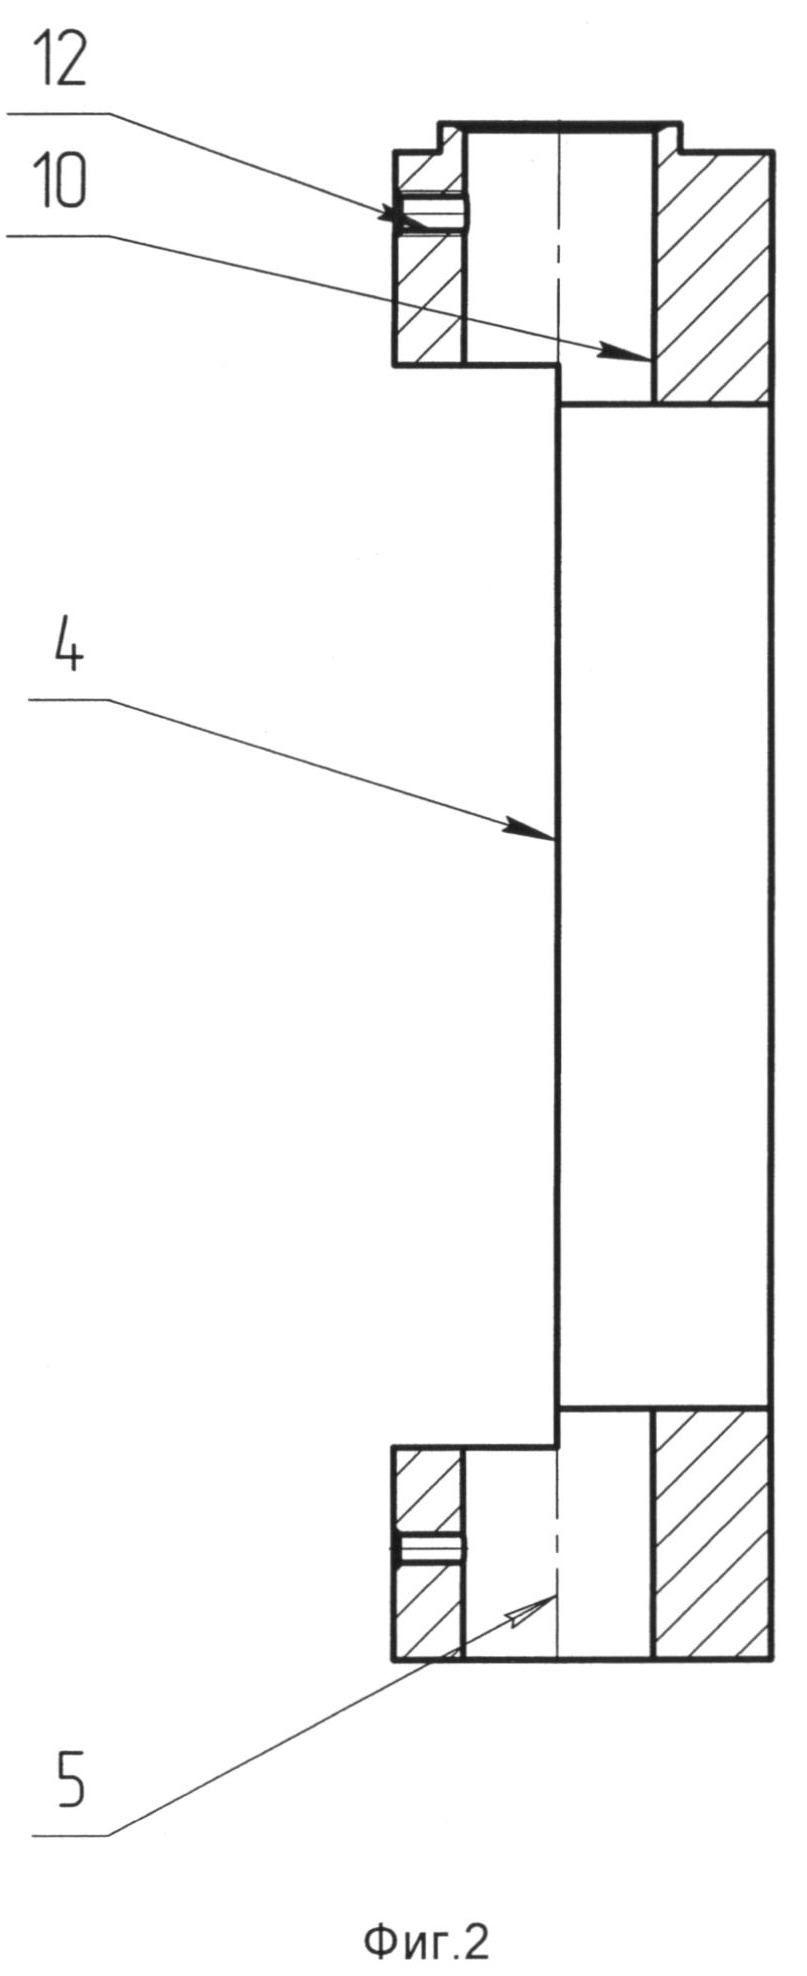 Устройство для крепления и предварительной оценки параметров измерительного прибора